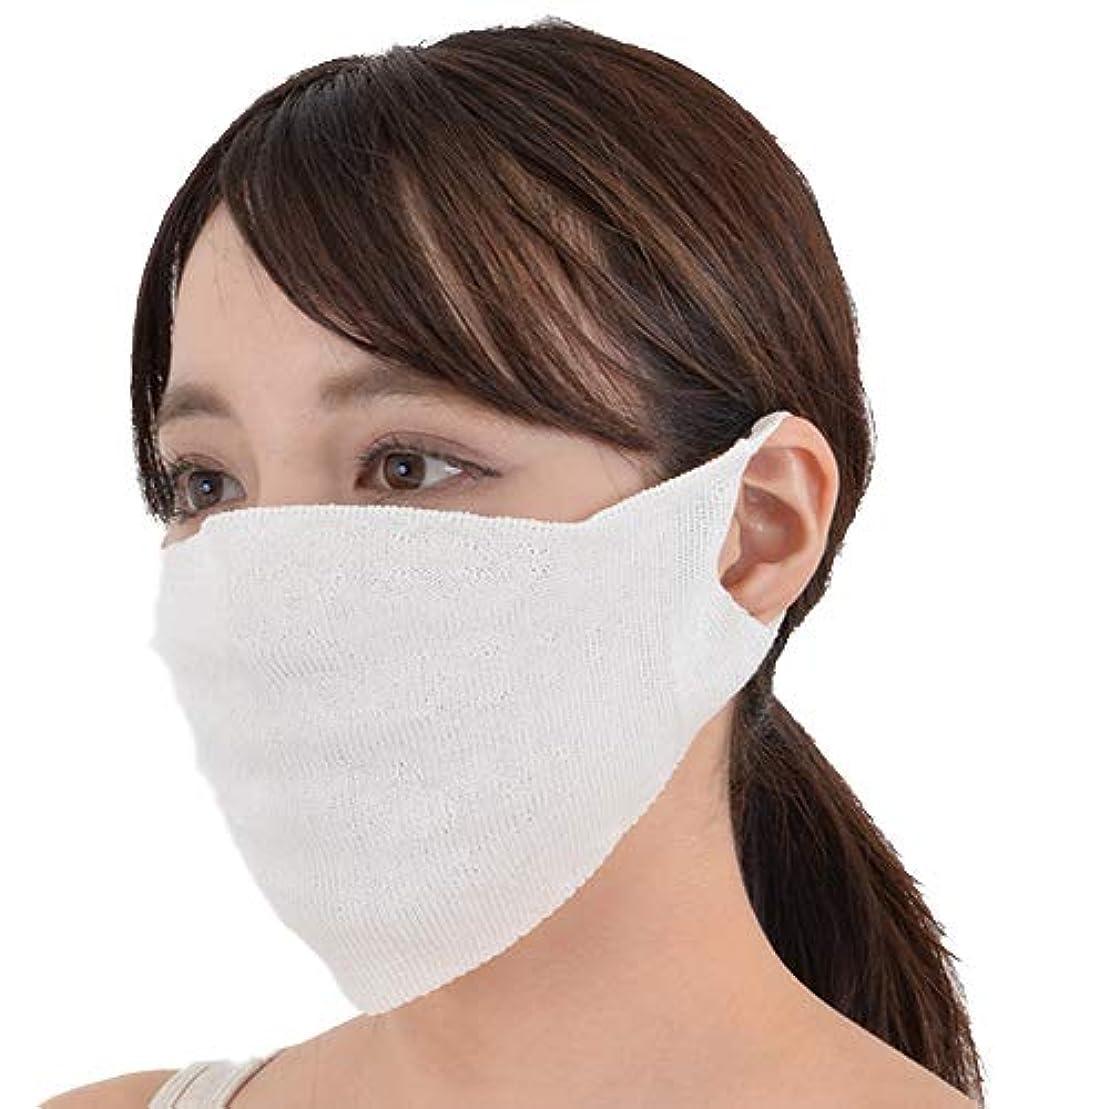 アルファベットピンポイントお別れ【SILK100%】無縫製 保湿マスク シルク100% ホールガーメント® 日本製 工場直販 (オフホワイト)(4045-7187)